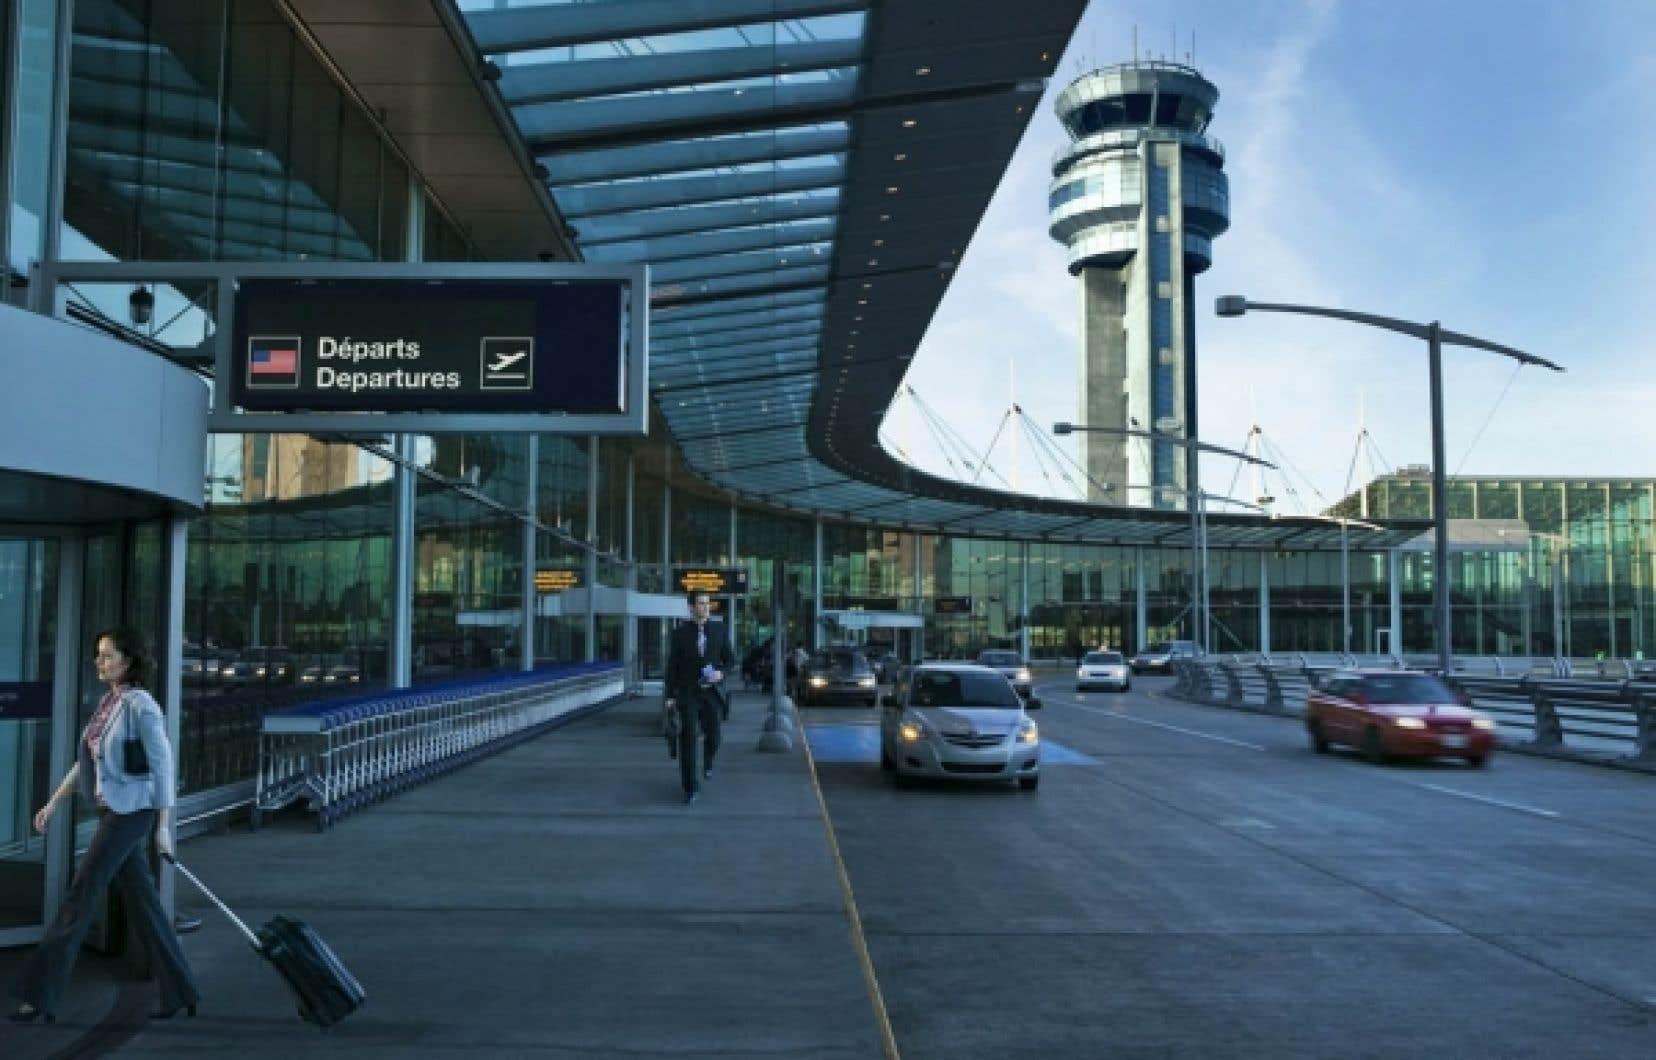 <div> L'aéroport Trudeau à Dorval</div>